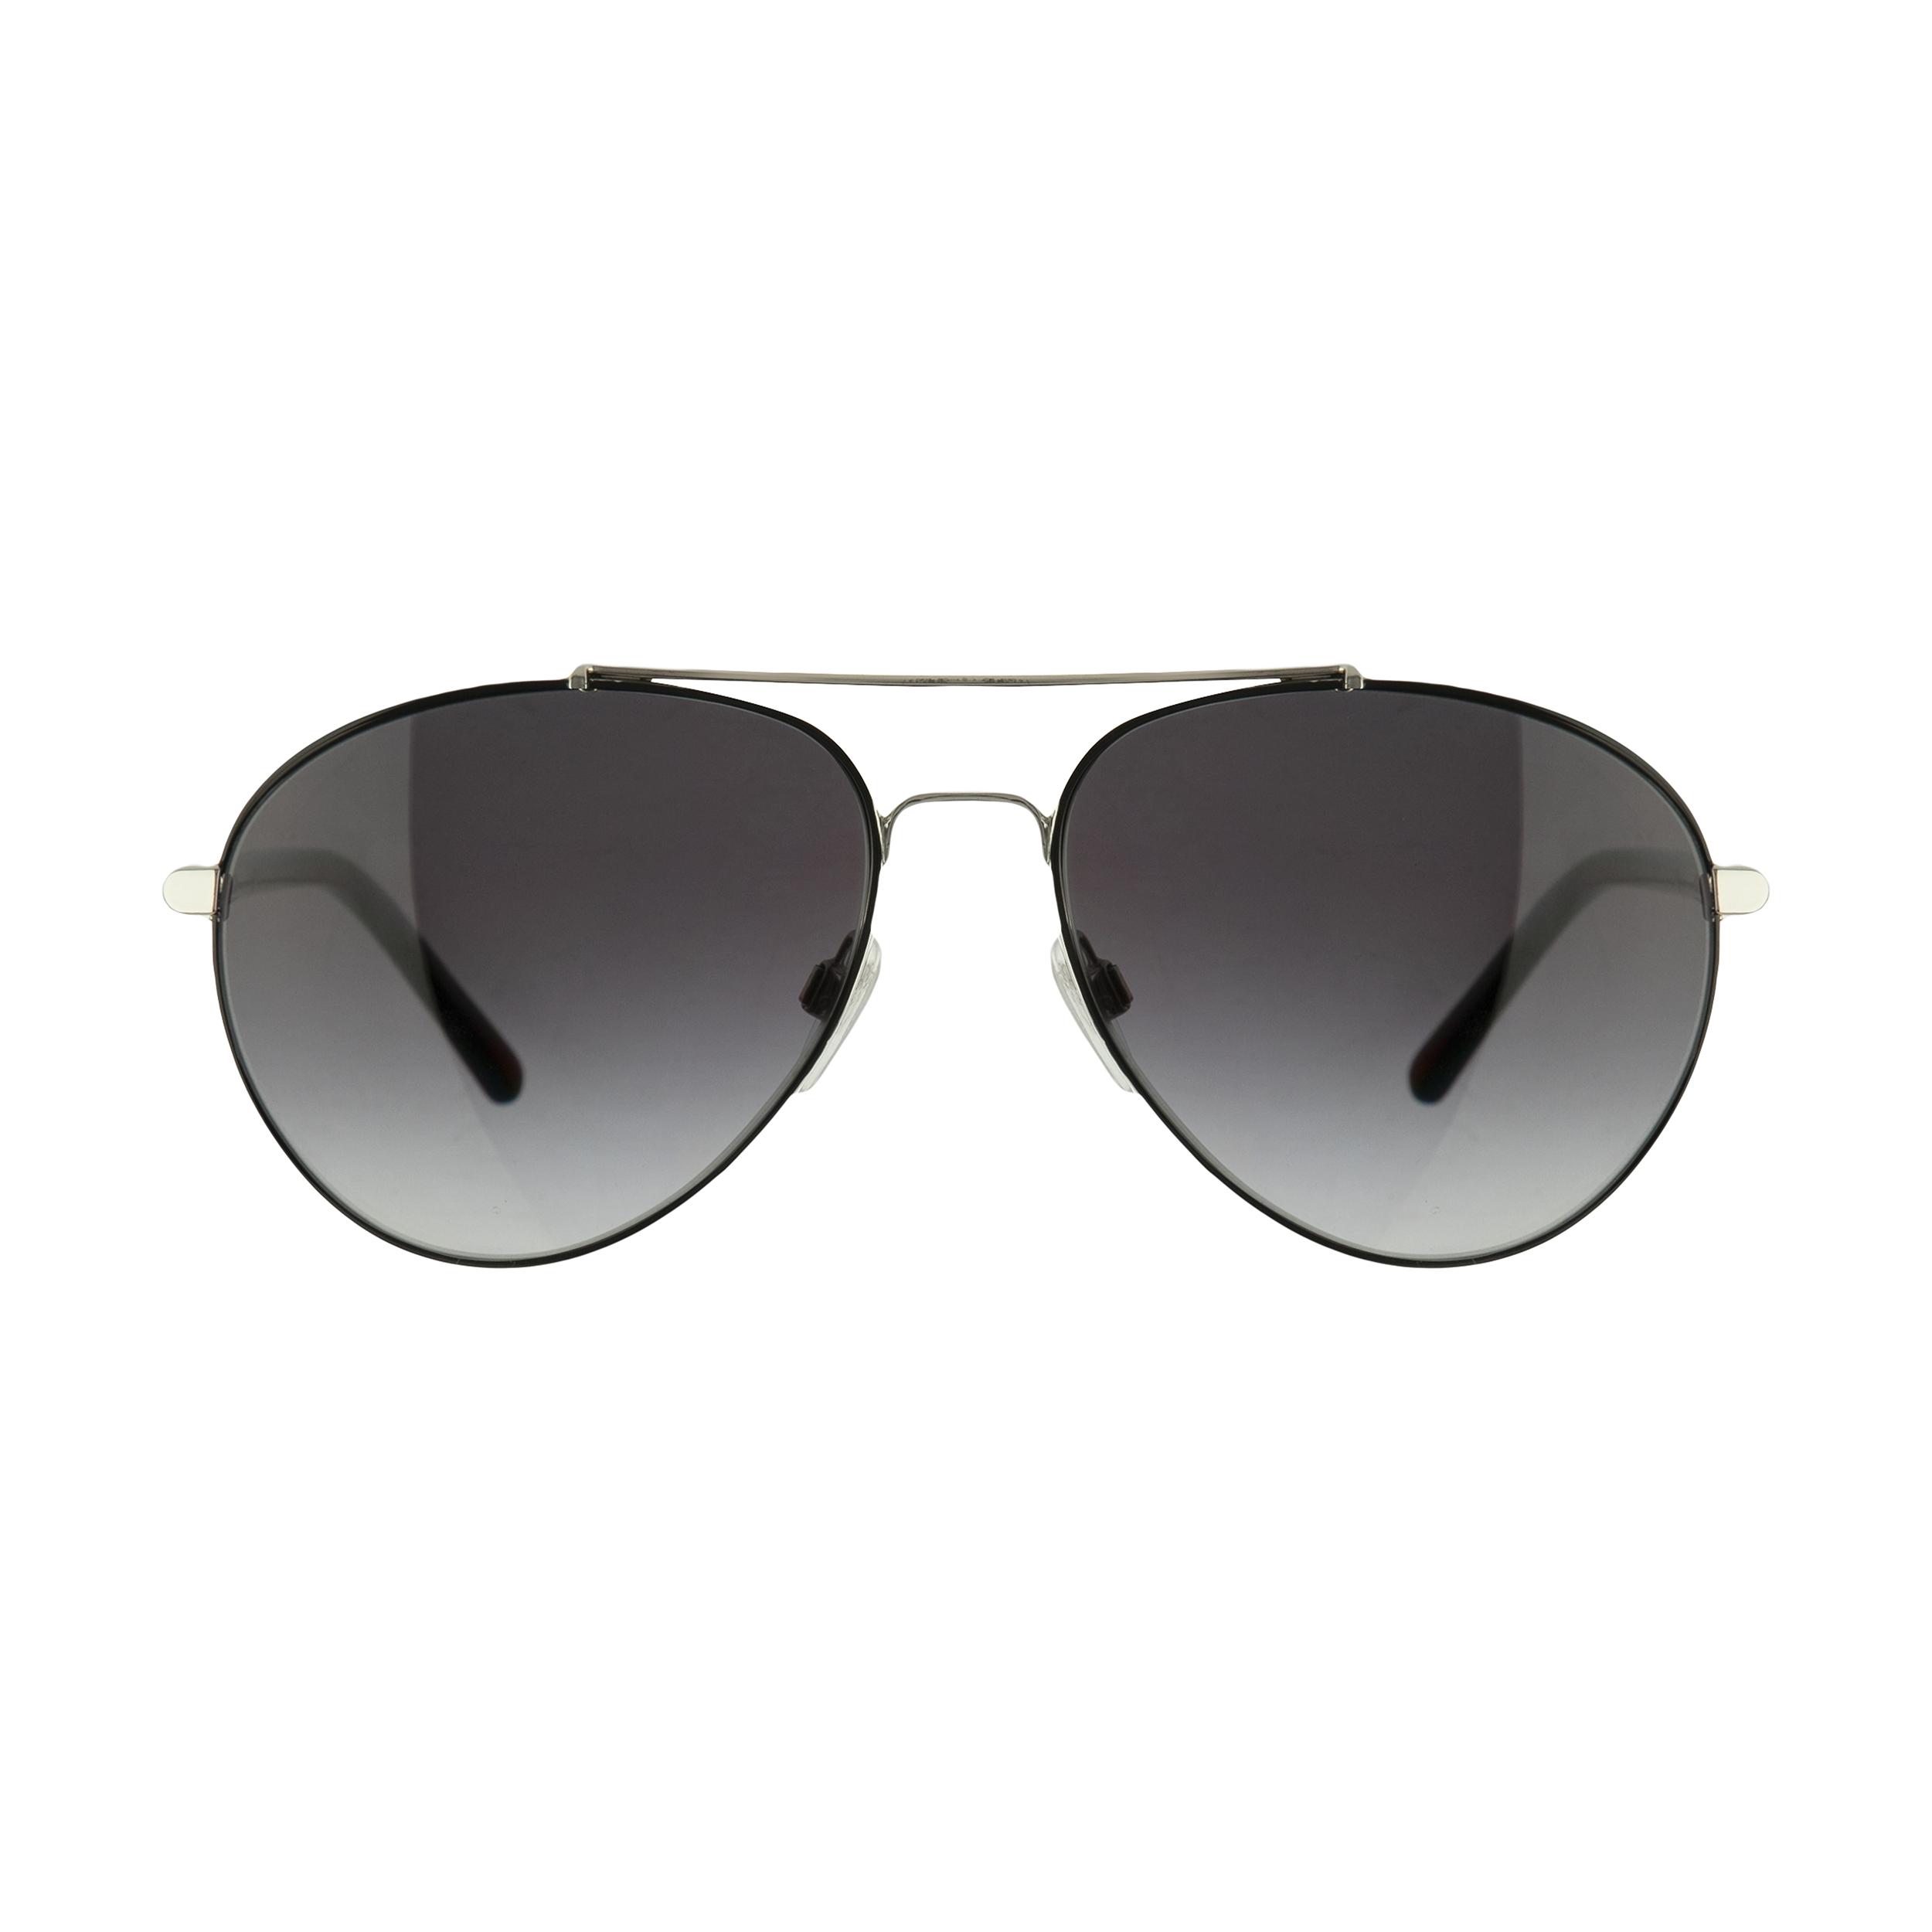 عینک آفتابی زنانه بربری مدل BE 3089S 10058G 58 -  - 2